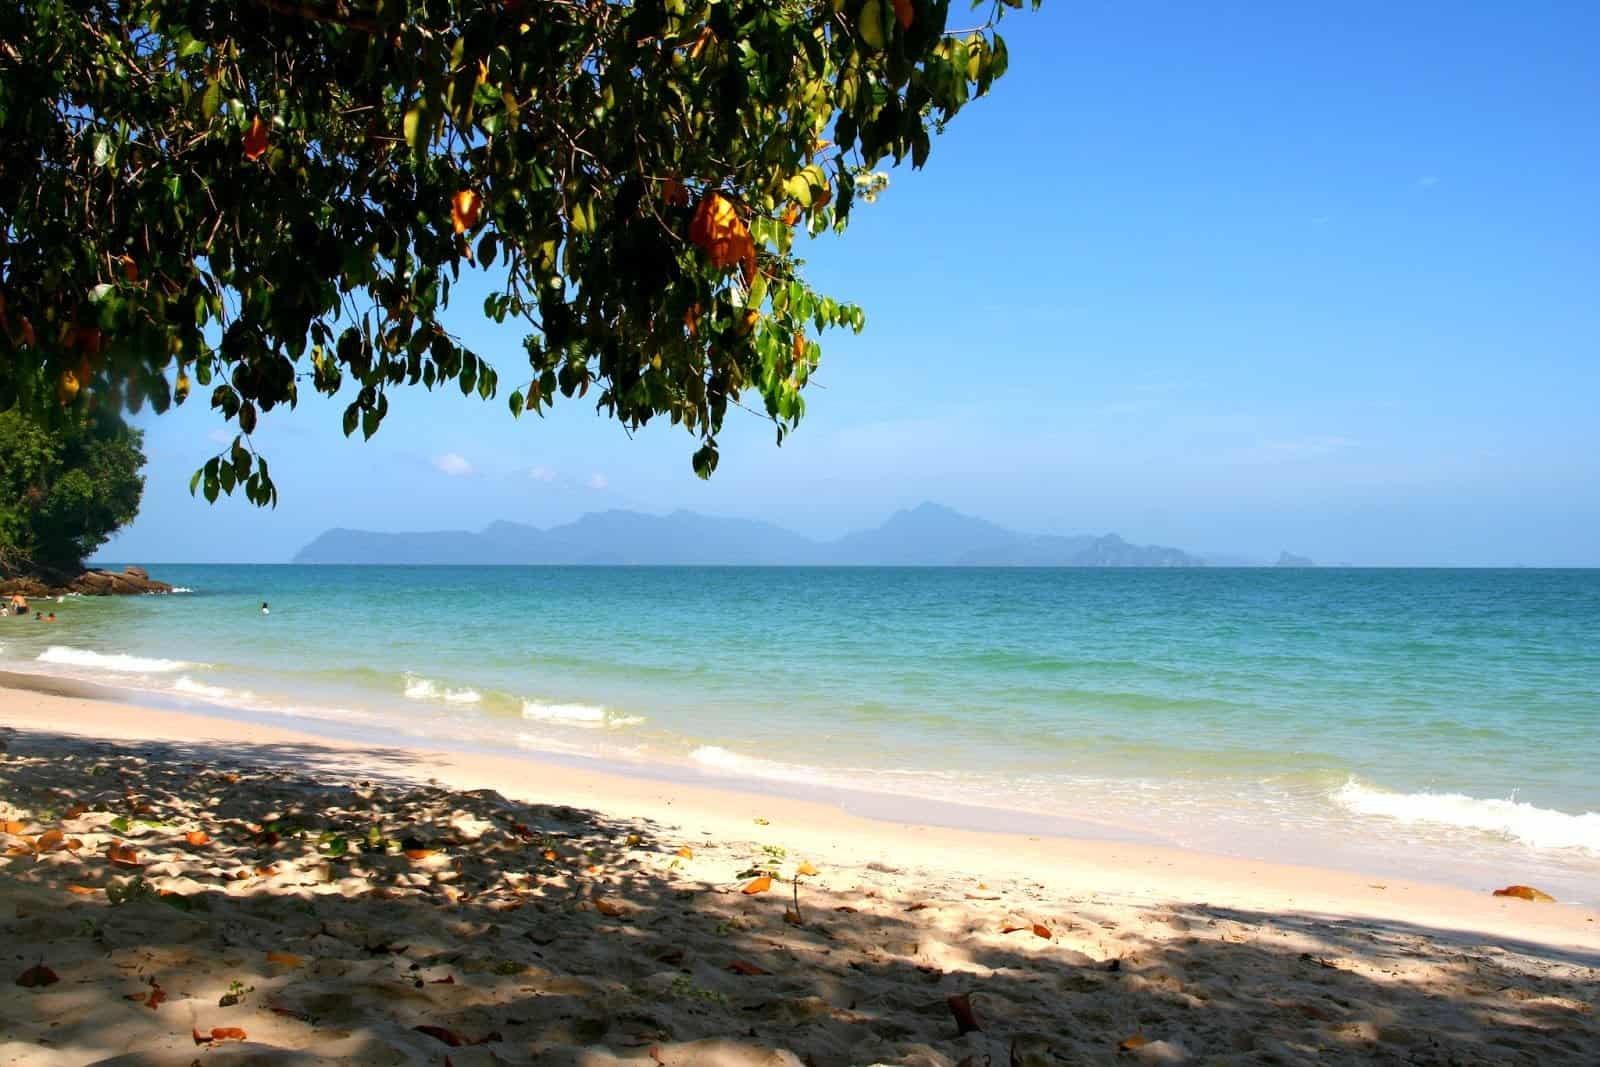 زيارة شاطئ باسير تيغكوراك – لنكاوي